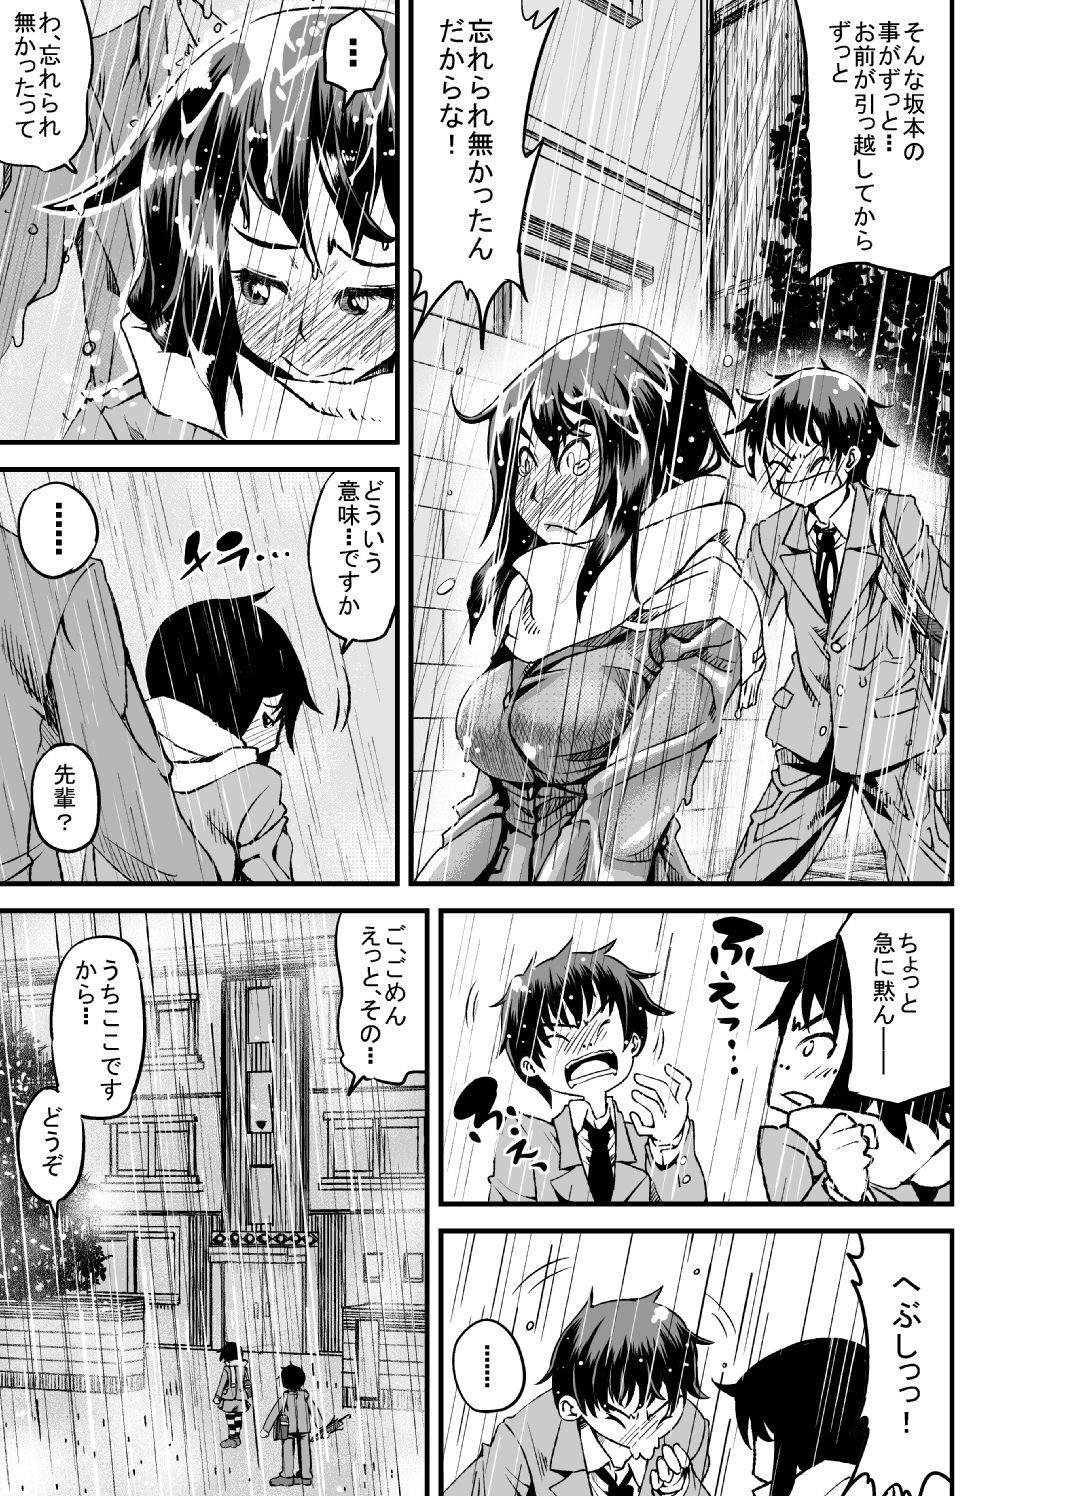 Ero Manga 7